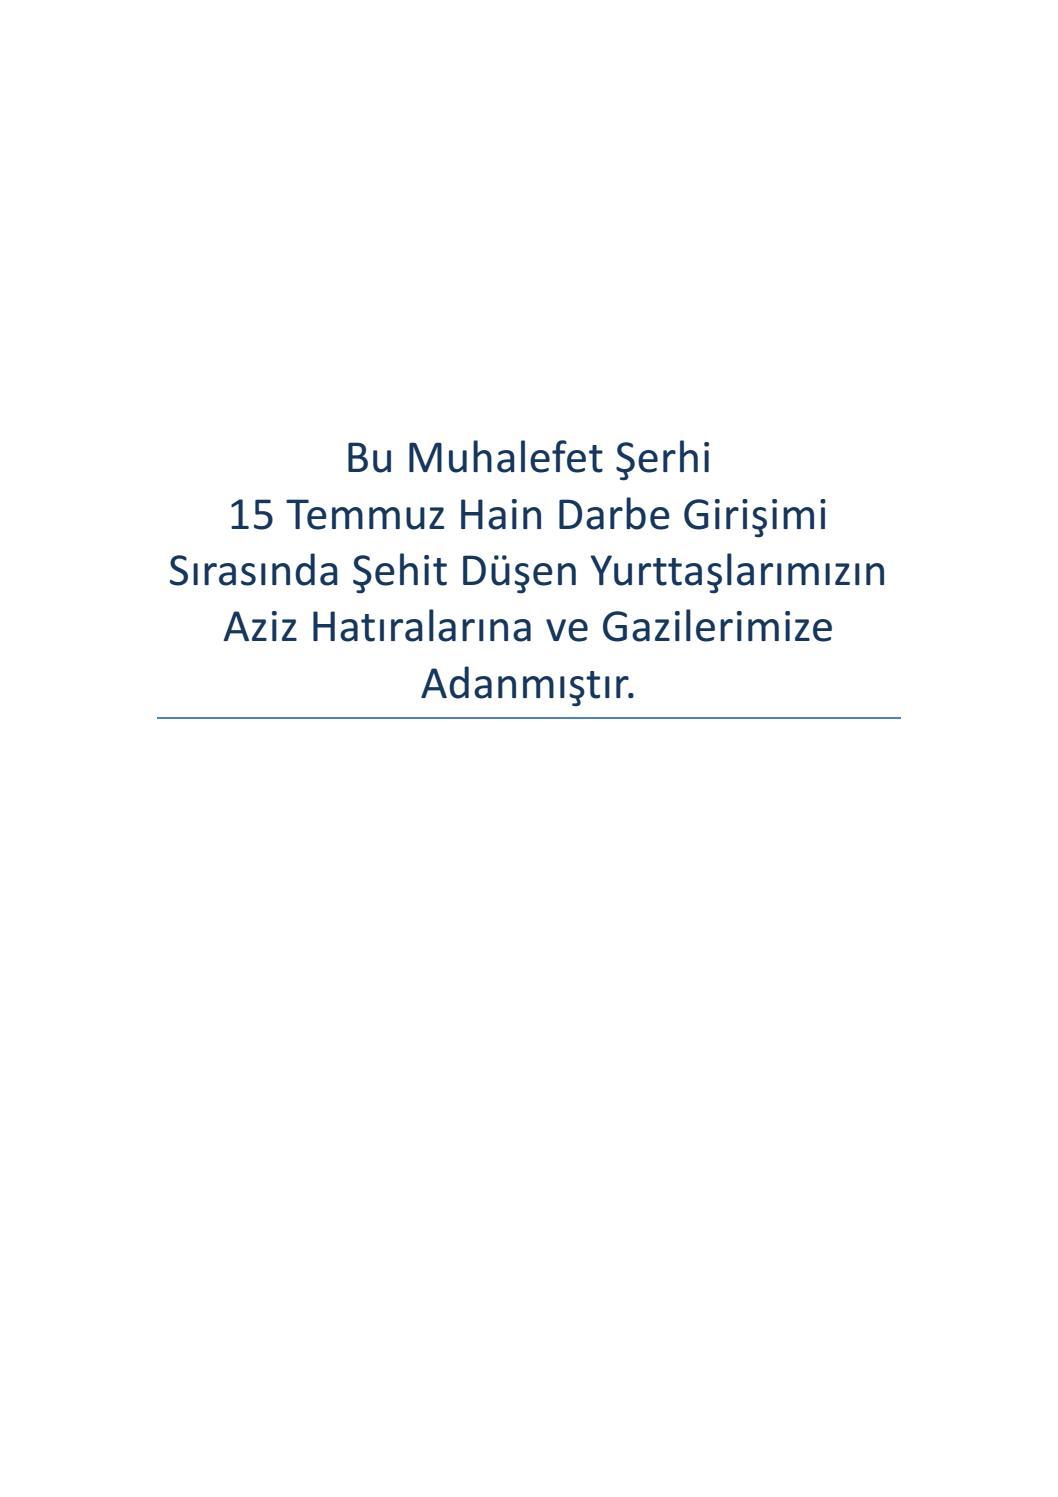 Uğur Gürses: Türkiye petrol ülkesi değil, krizi aşmak için yeni bir hikaye yazmalı 87